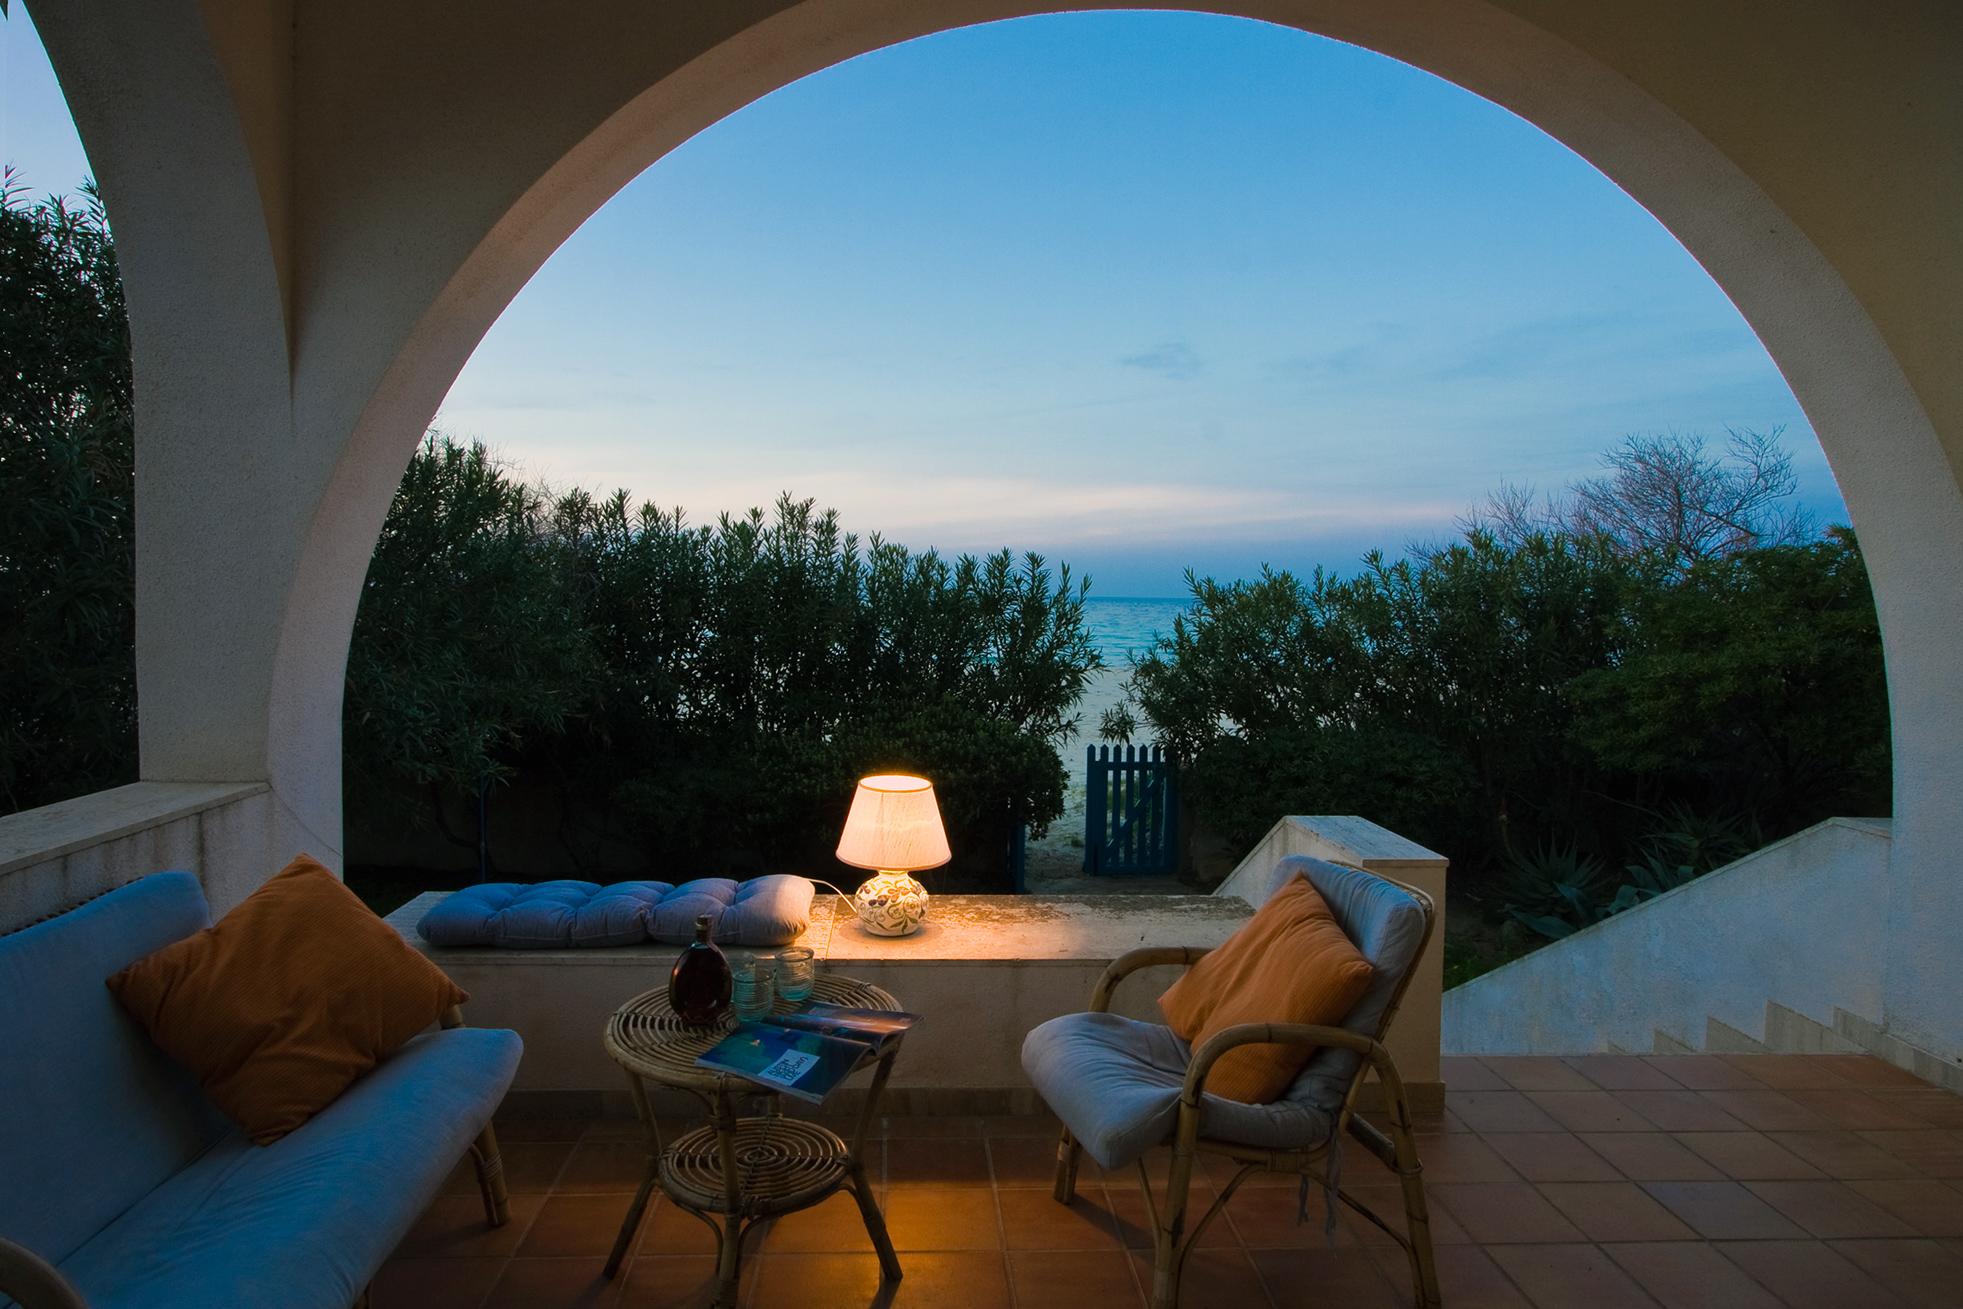 Villa firriato ville sul mare for Ville lussuose interni